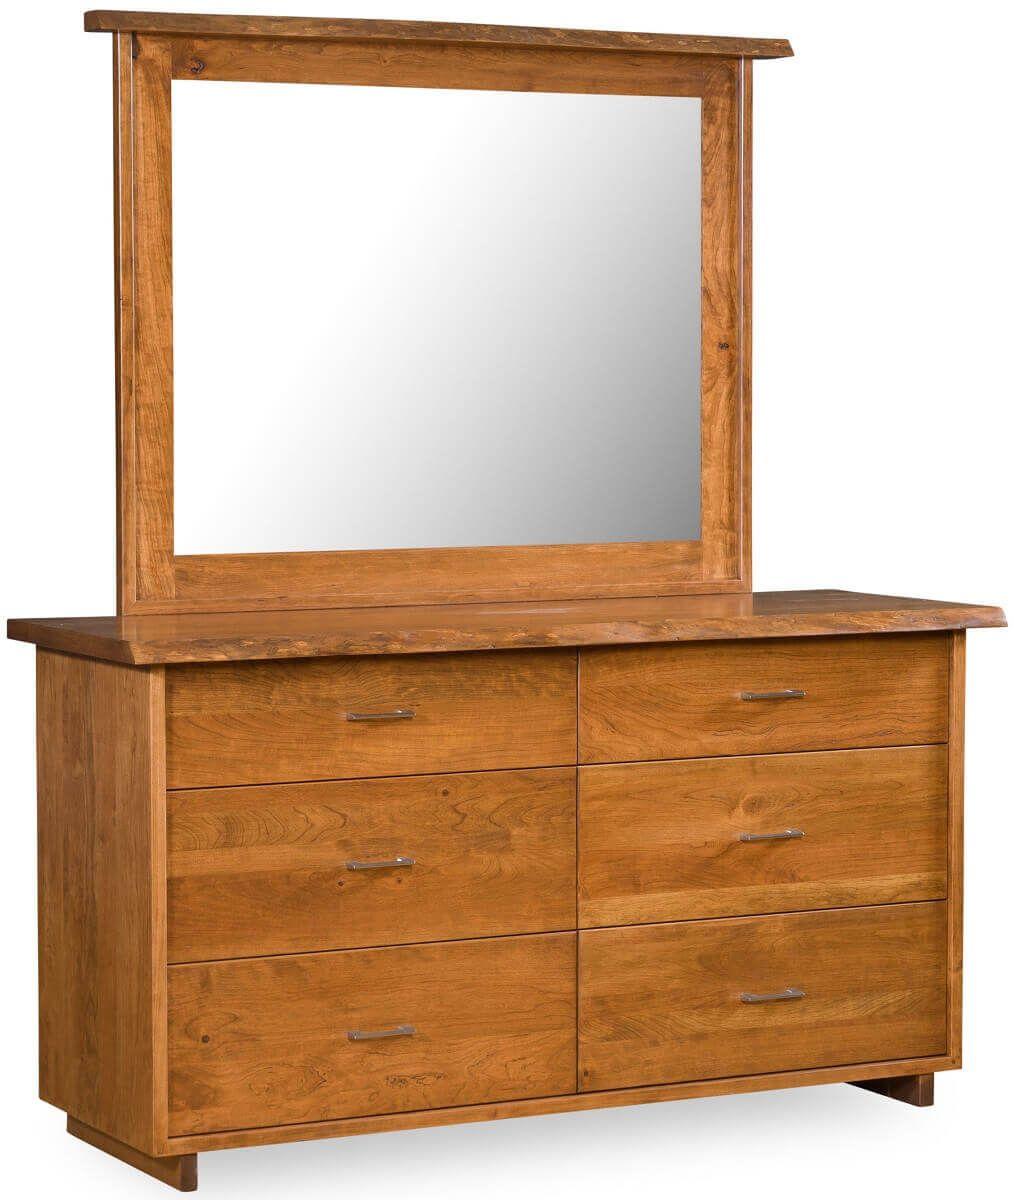 Breda Bedroom Dresser